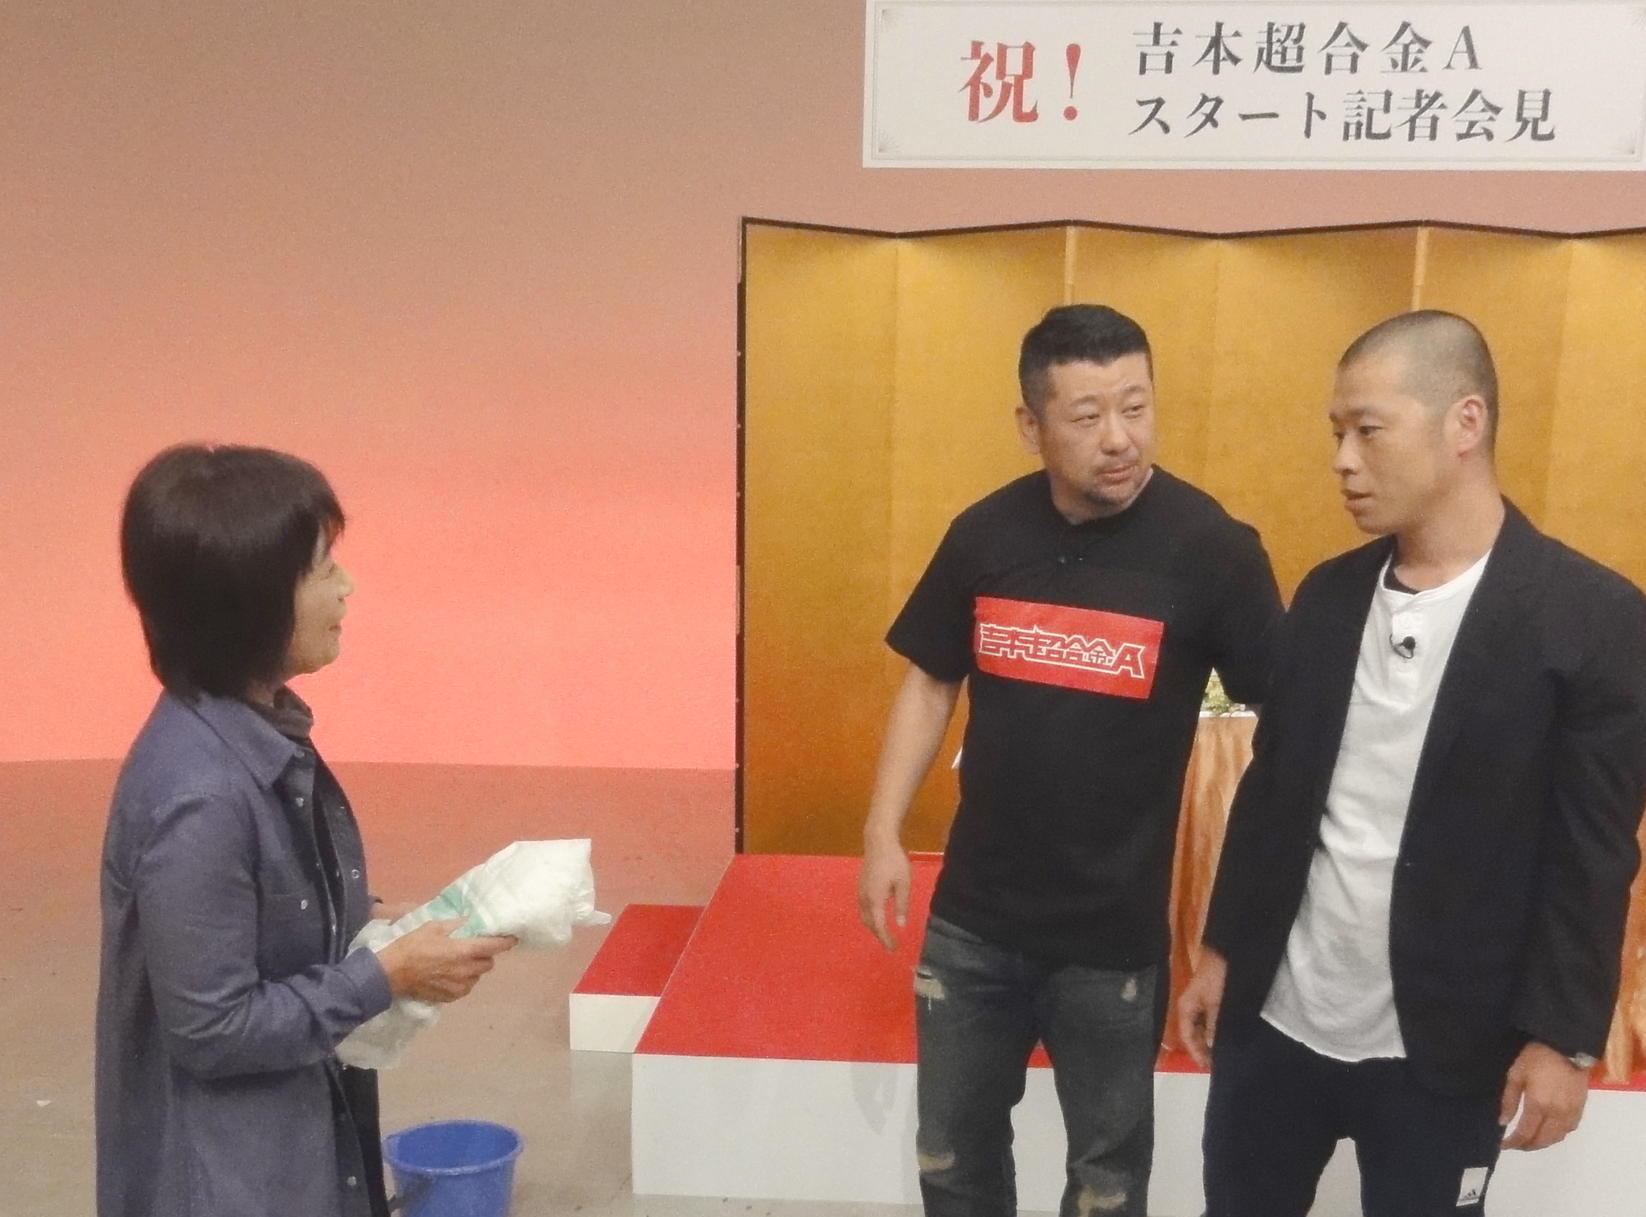 http://news.yoshimoto.co.jp/20171003001222-916b15c598a80b16f91f5d8deb0da3c7dba545f6.jpg